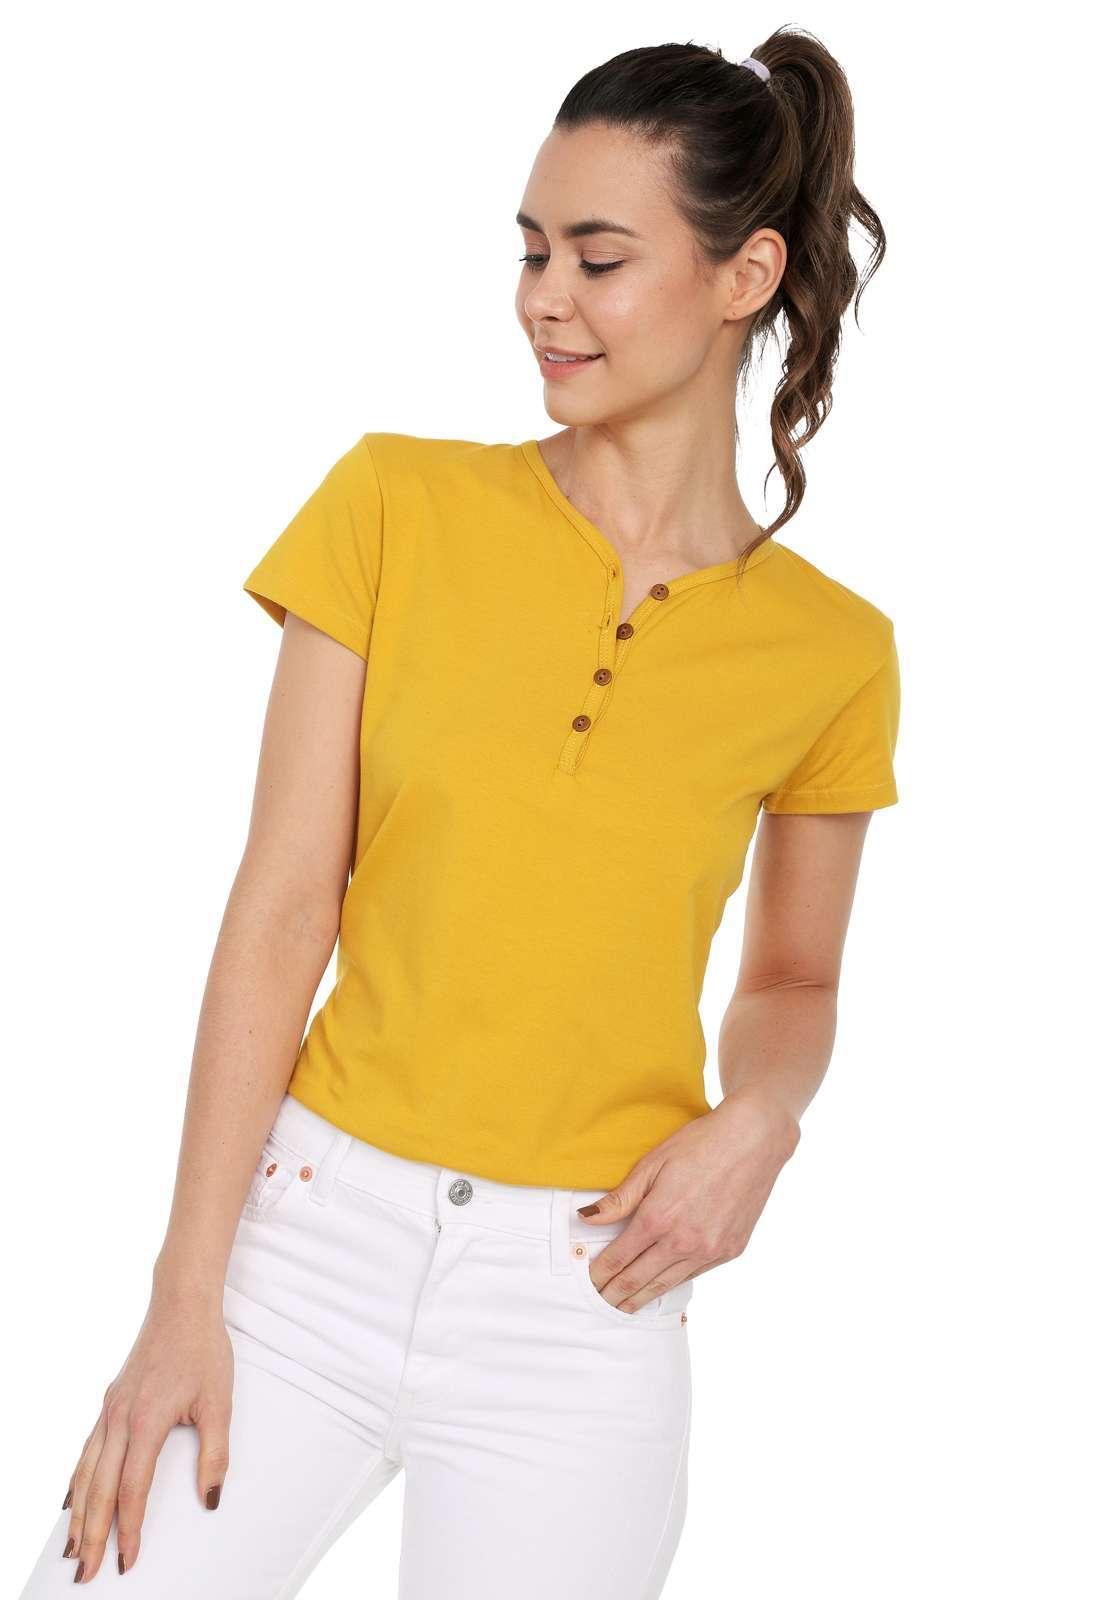 Camiseta Mujer Con Botones Licrada - Mostaza | Polovers